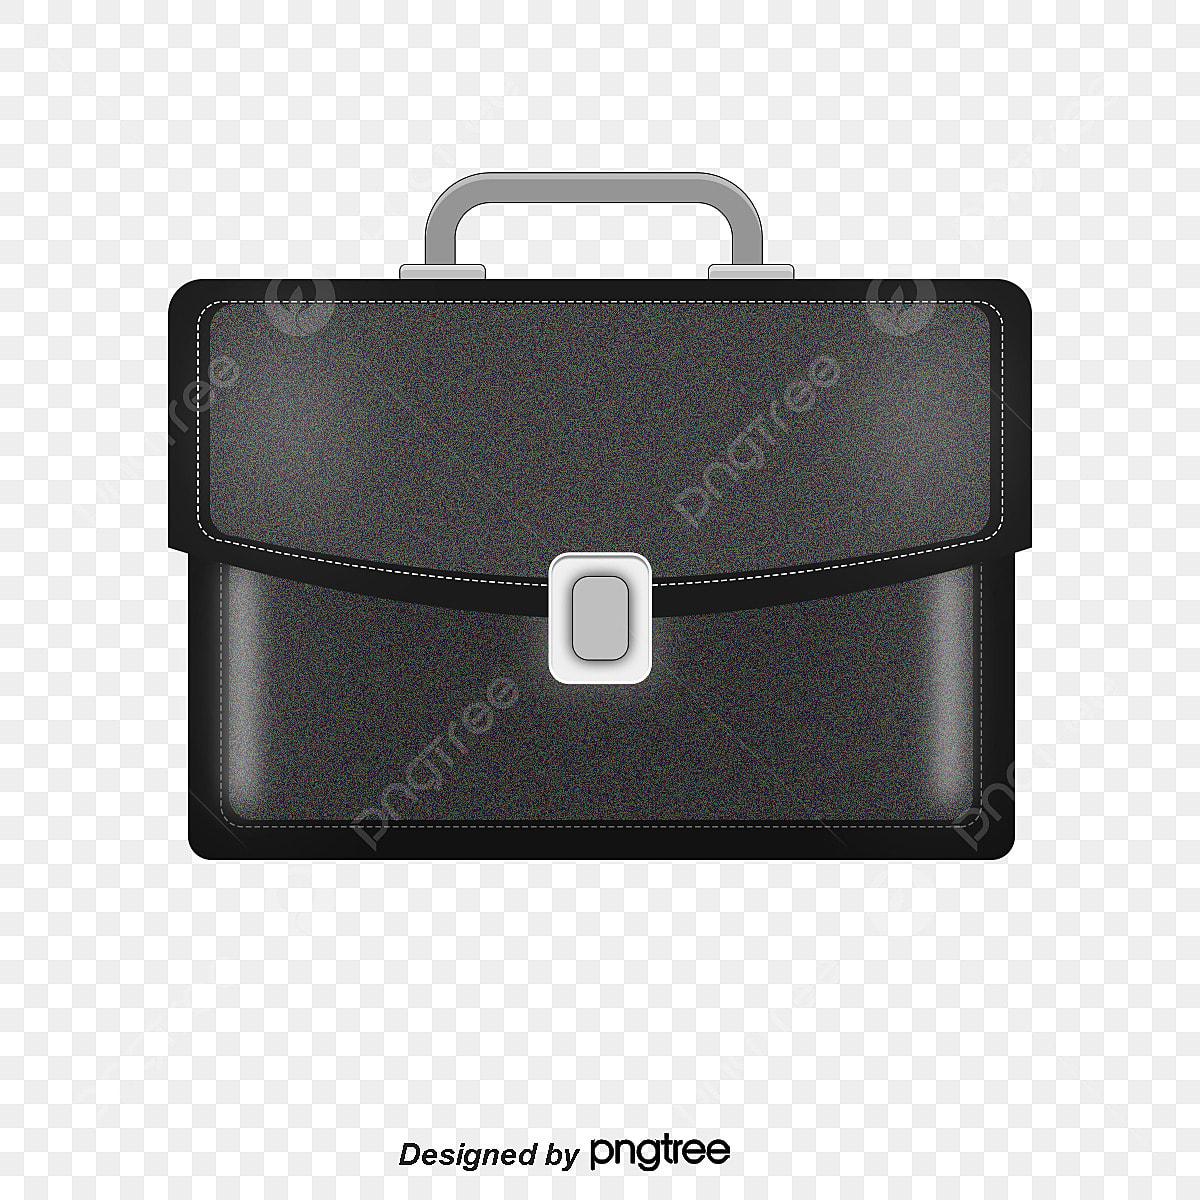 Mala Png Images Vetores E Arquivos Psd Download Gratis Em Pngtree